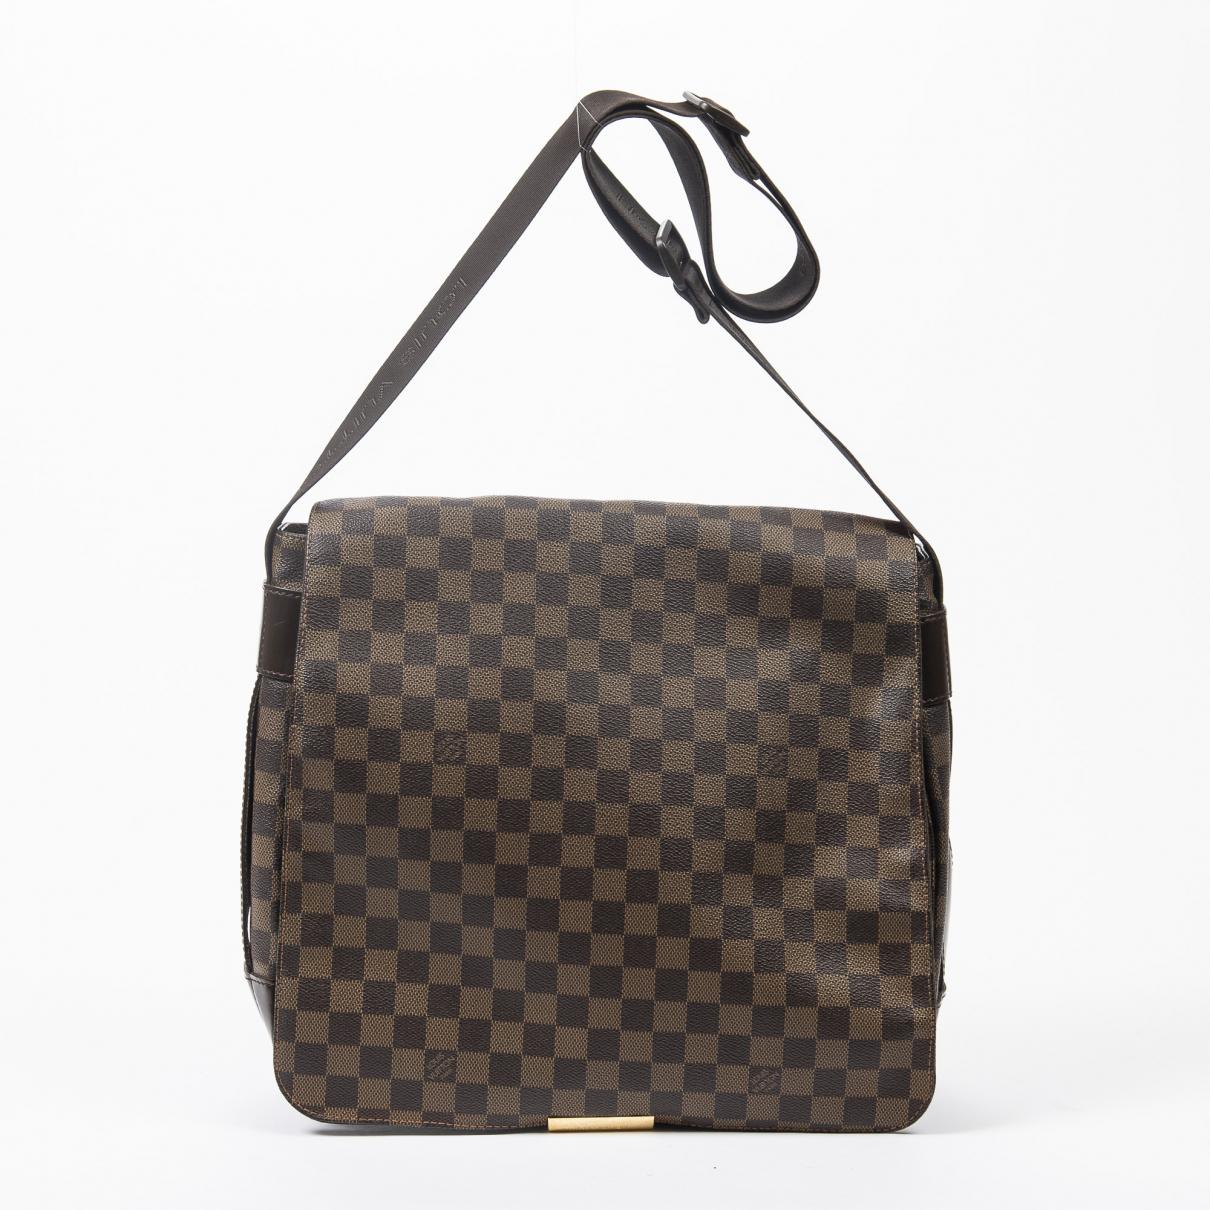 Louis Vuitton - Sac a main Bastille pour femme en cuir - marron